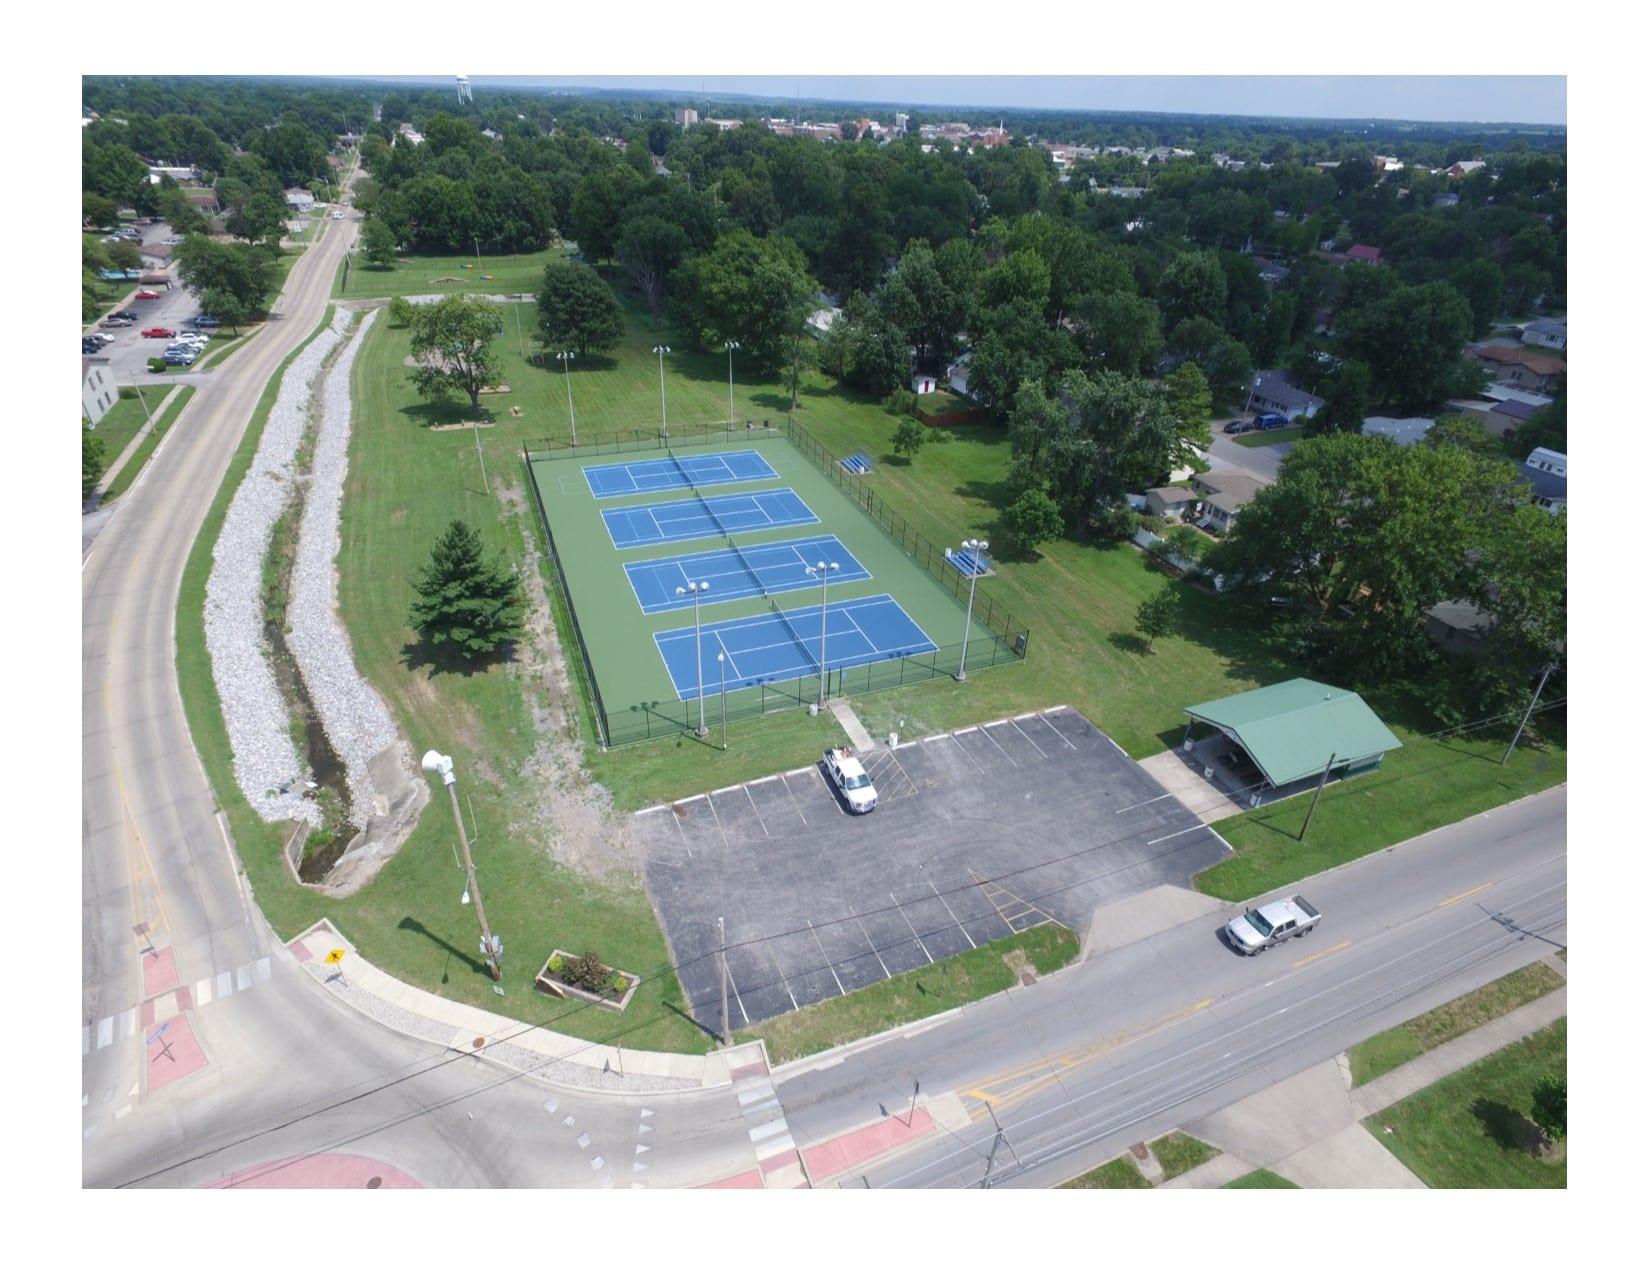 Tennis-Court-drone8